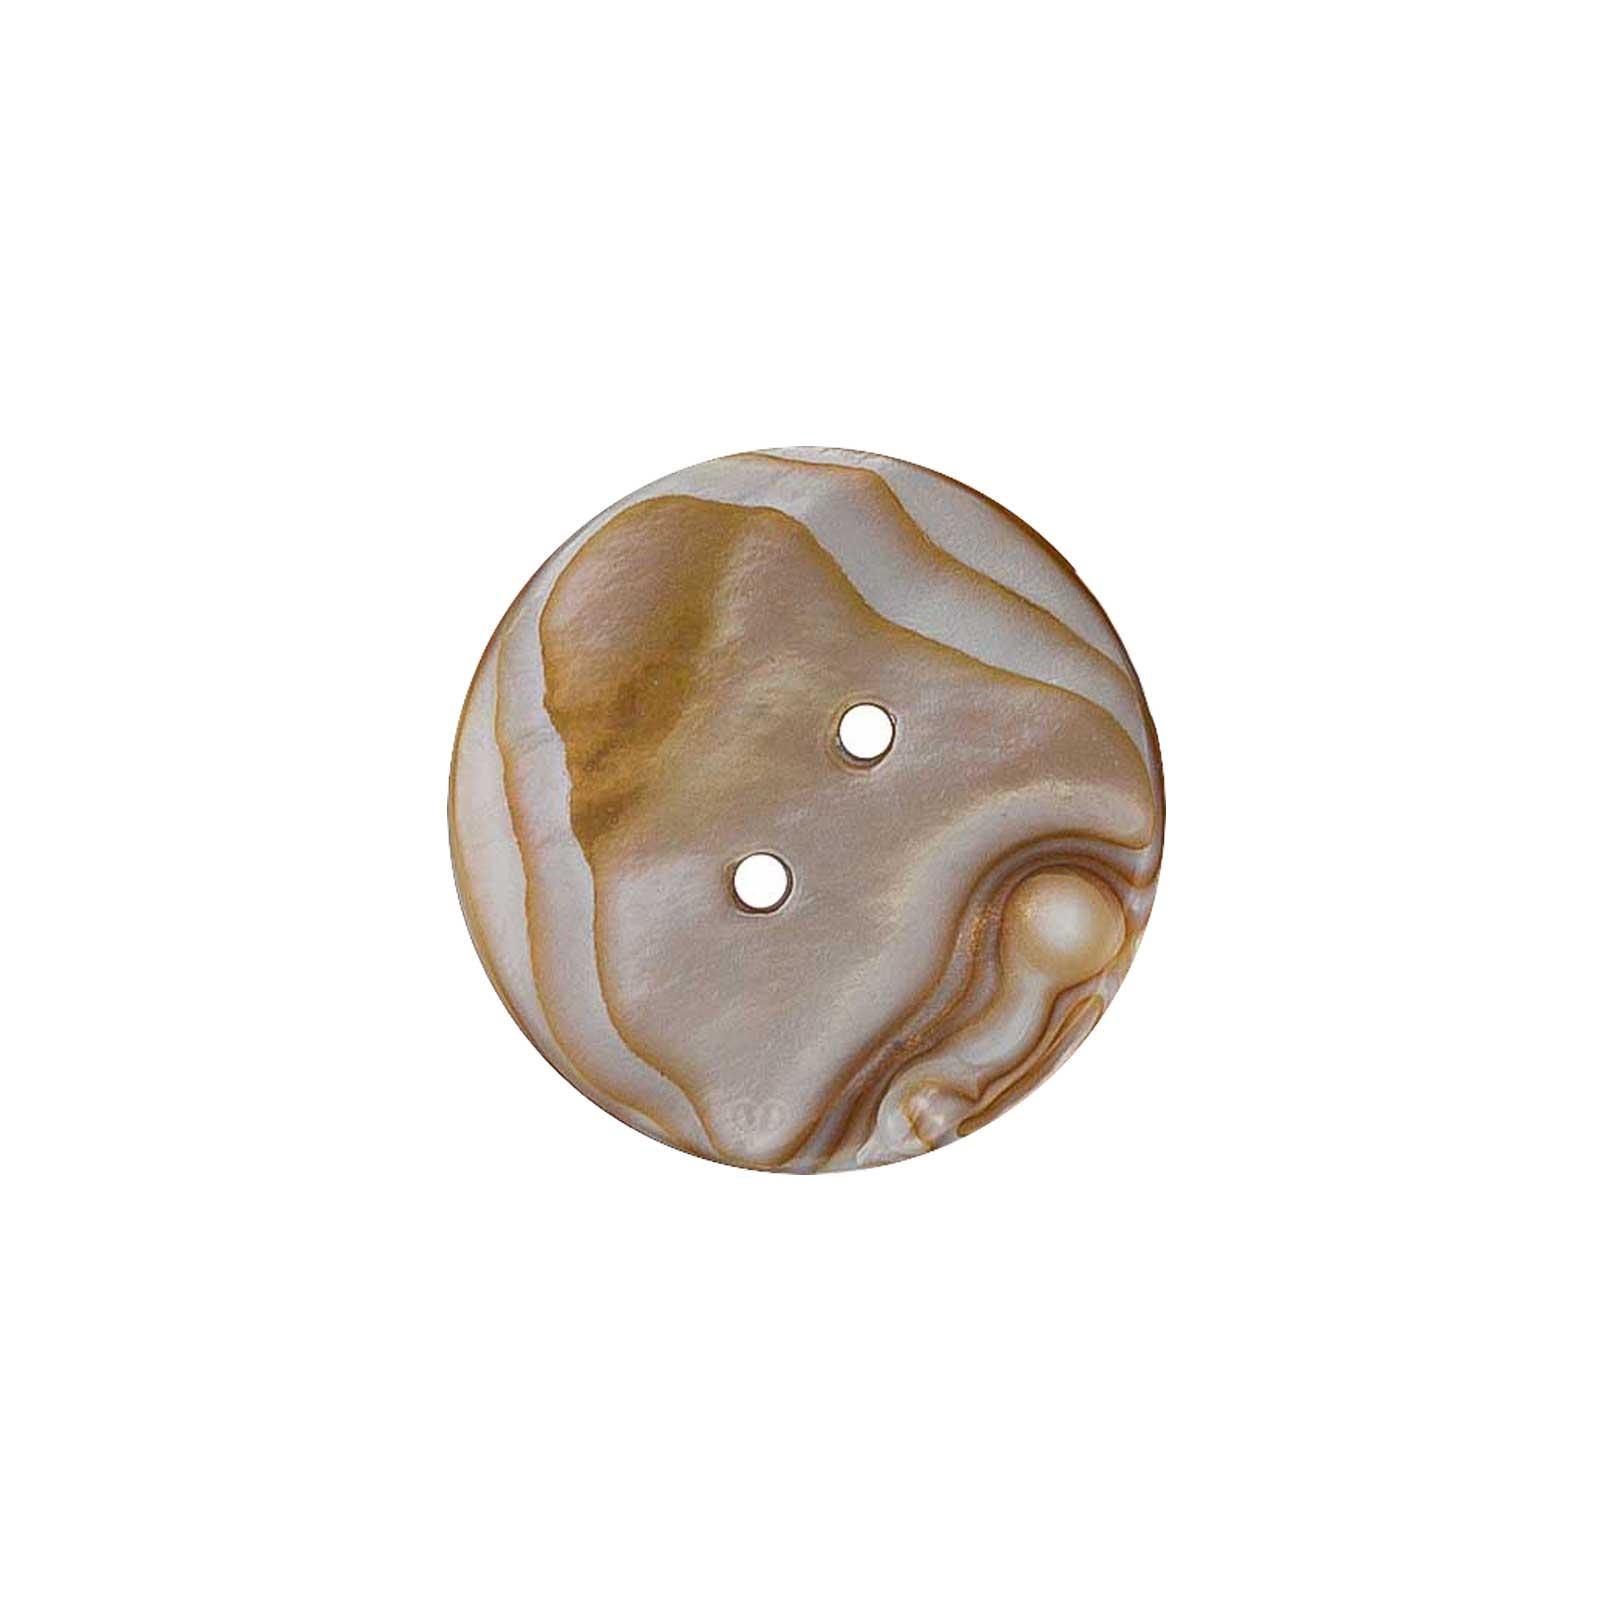 5 Elegante Perlmutt-Knopf rund, 2 Loch, Muschelknopf natur Größenwahl – Bild 8